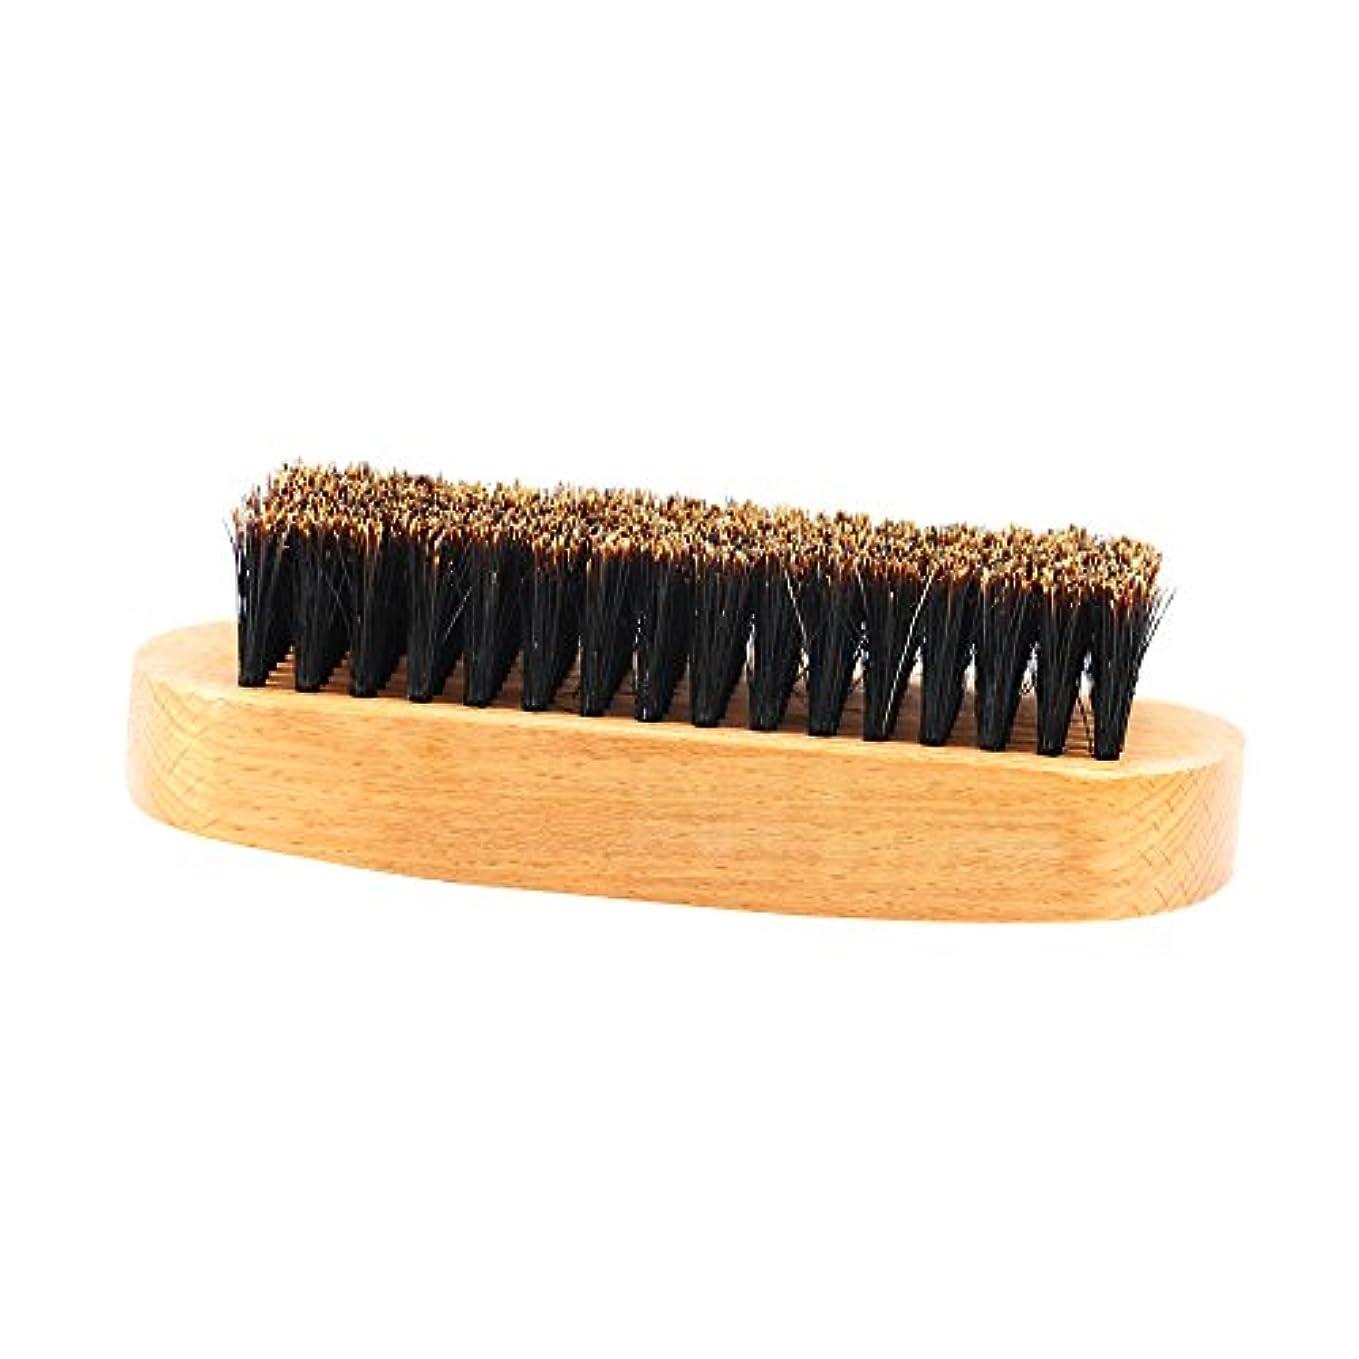 米ドル誘惑不一致人の口ひげのスタイリングの手入れをすることのための木のハンドルのひげのブラシのイノシシの剛毛 - #1